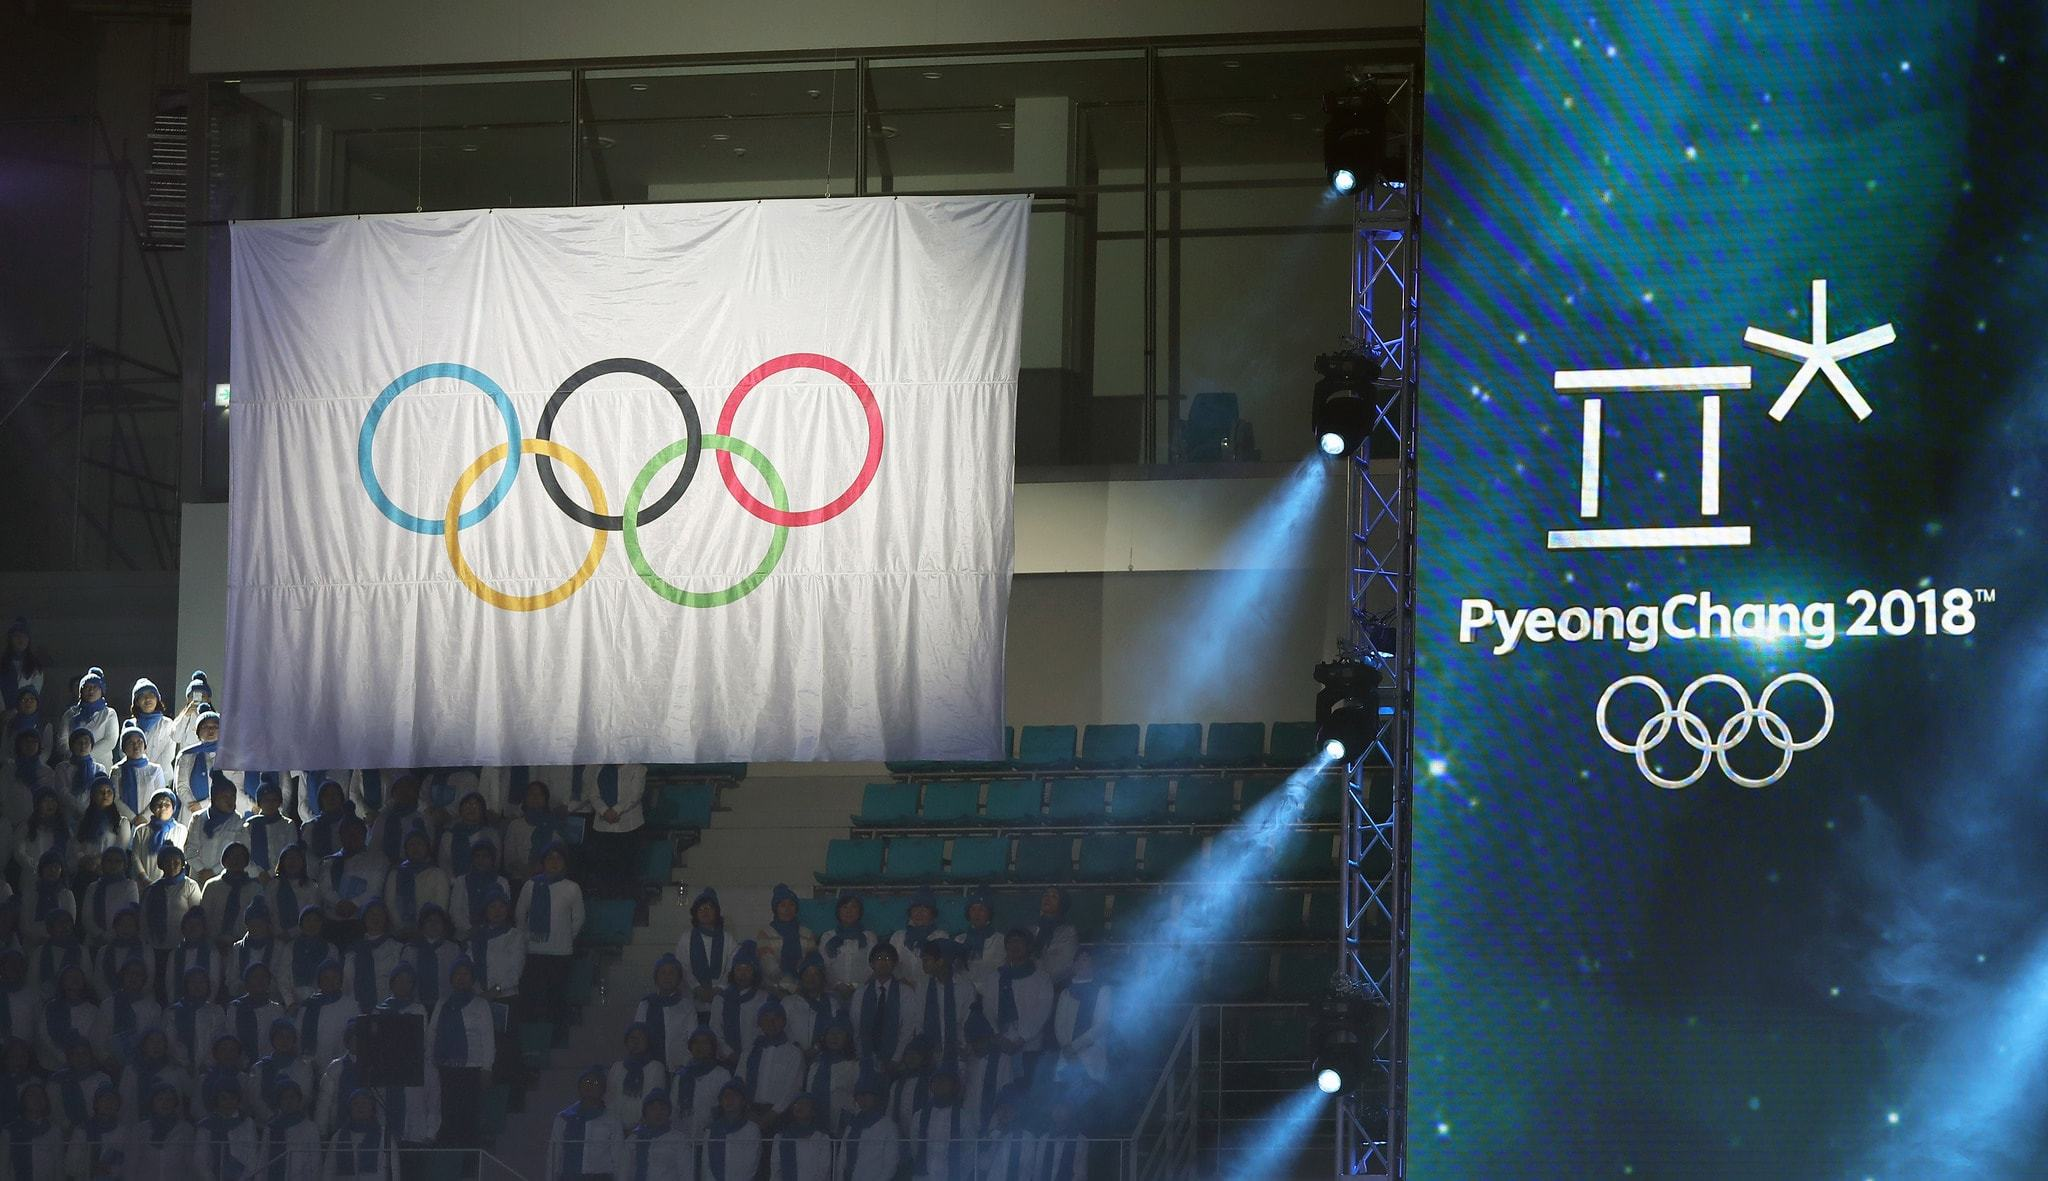 PyeongChang Olympics 2018 Korea